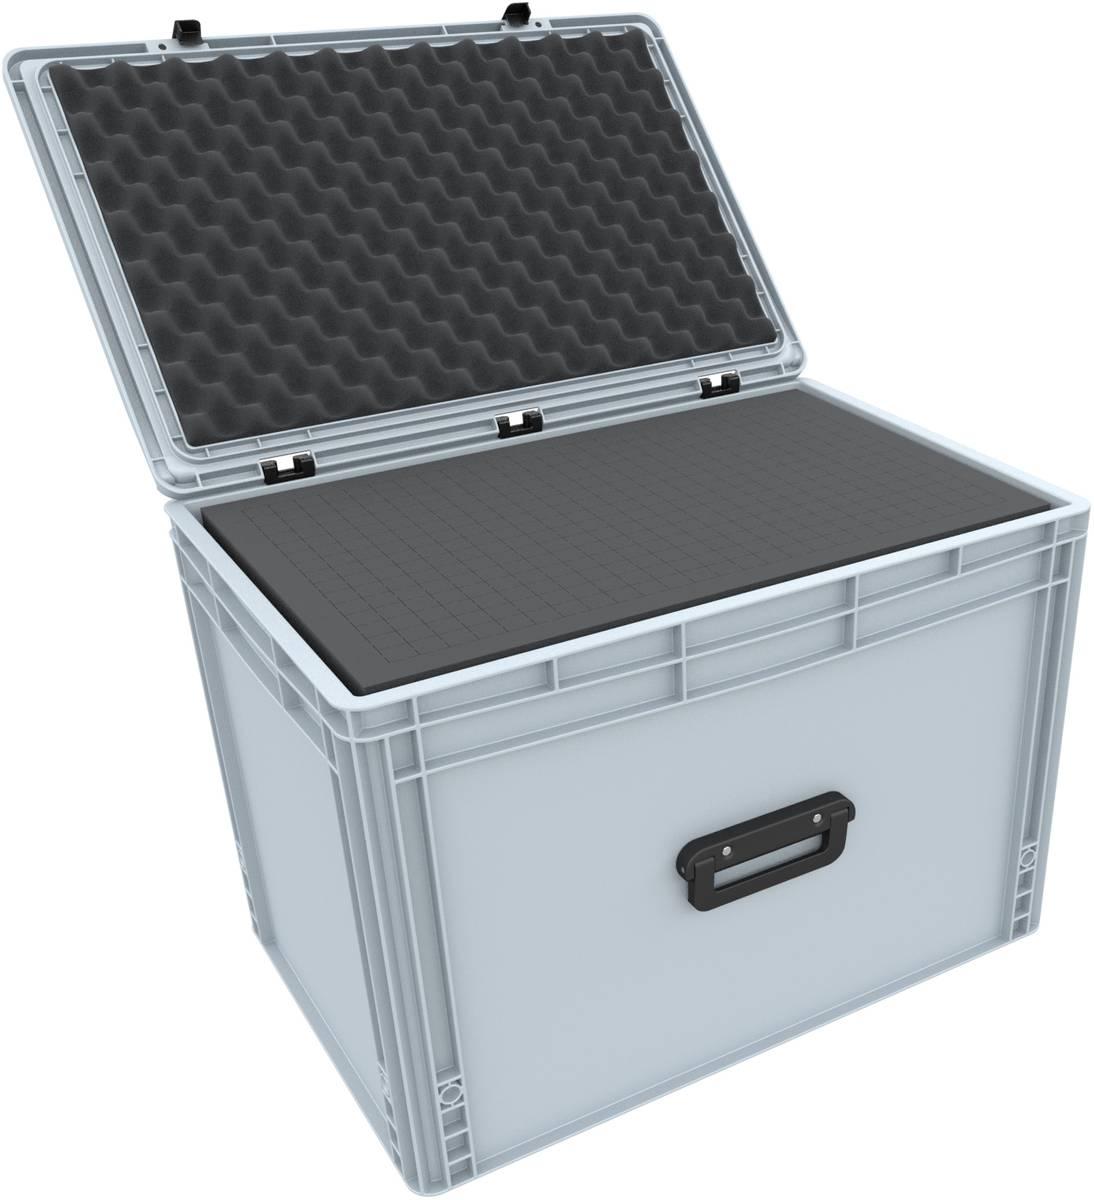 ED 64/42 1G Eurobehälter Koffer mit Griff 600 x 400 x 435 mm inklusive Rasterschaumstoff